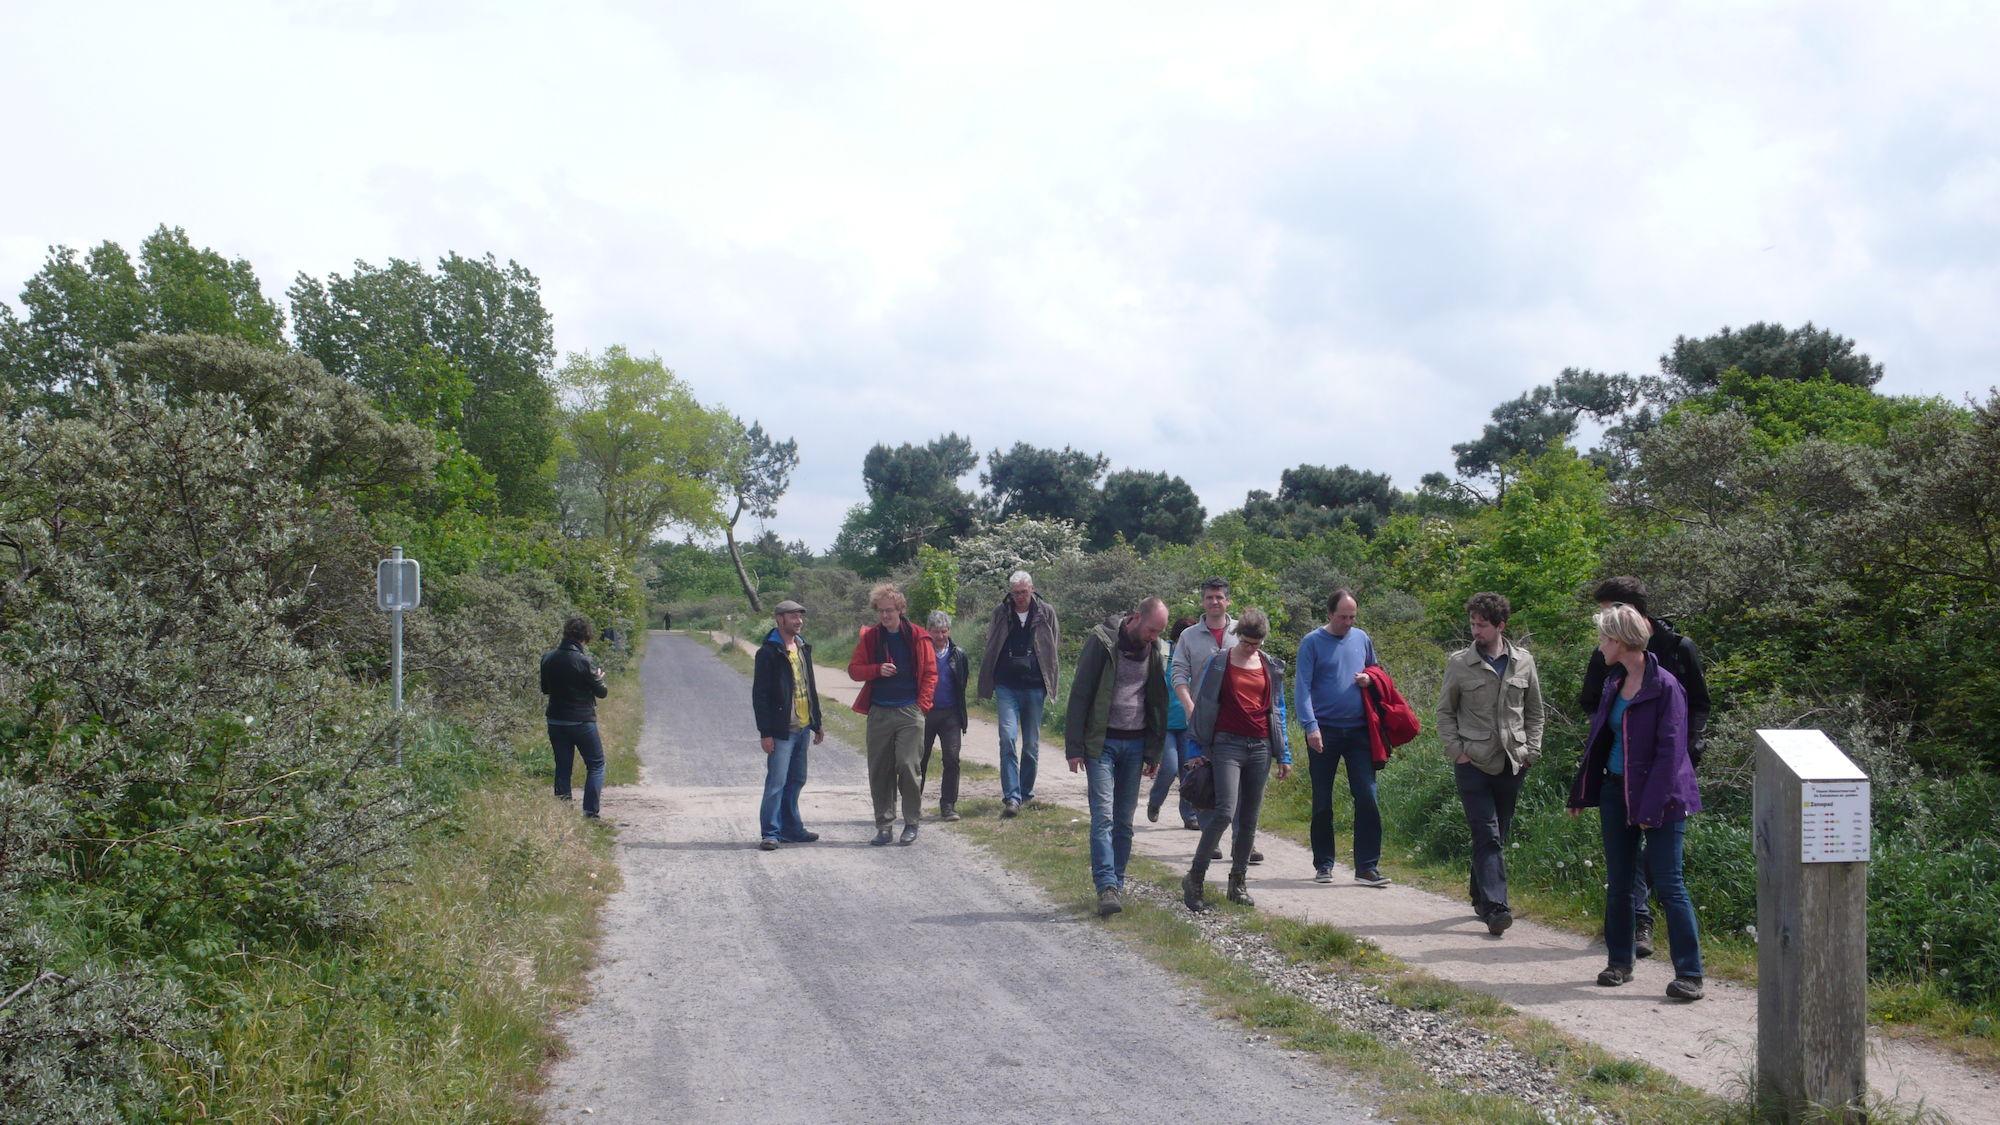 Terreinbezoek inrichting trage wegen 20 mei 2016